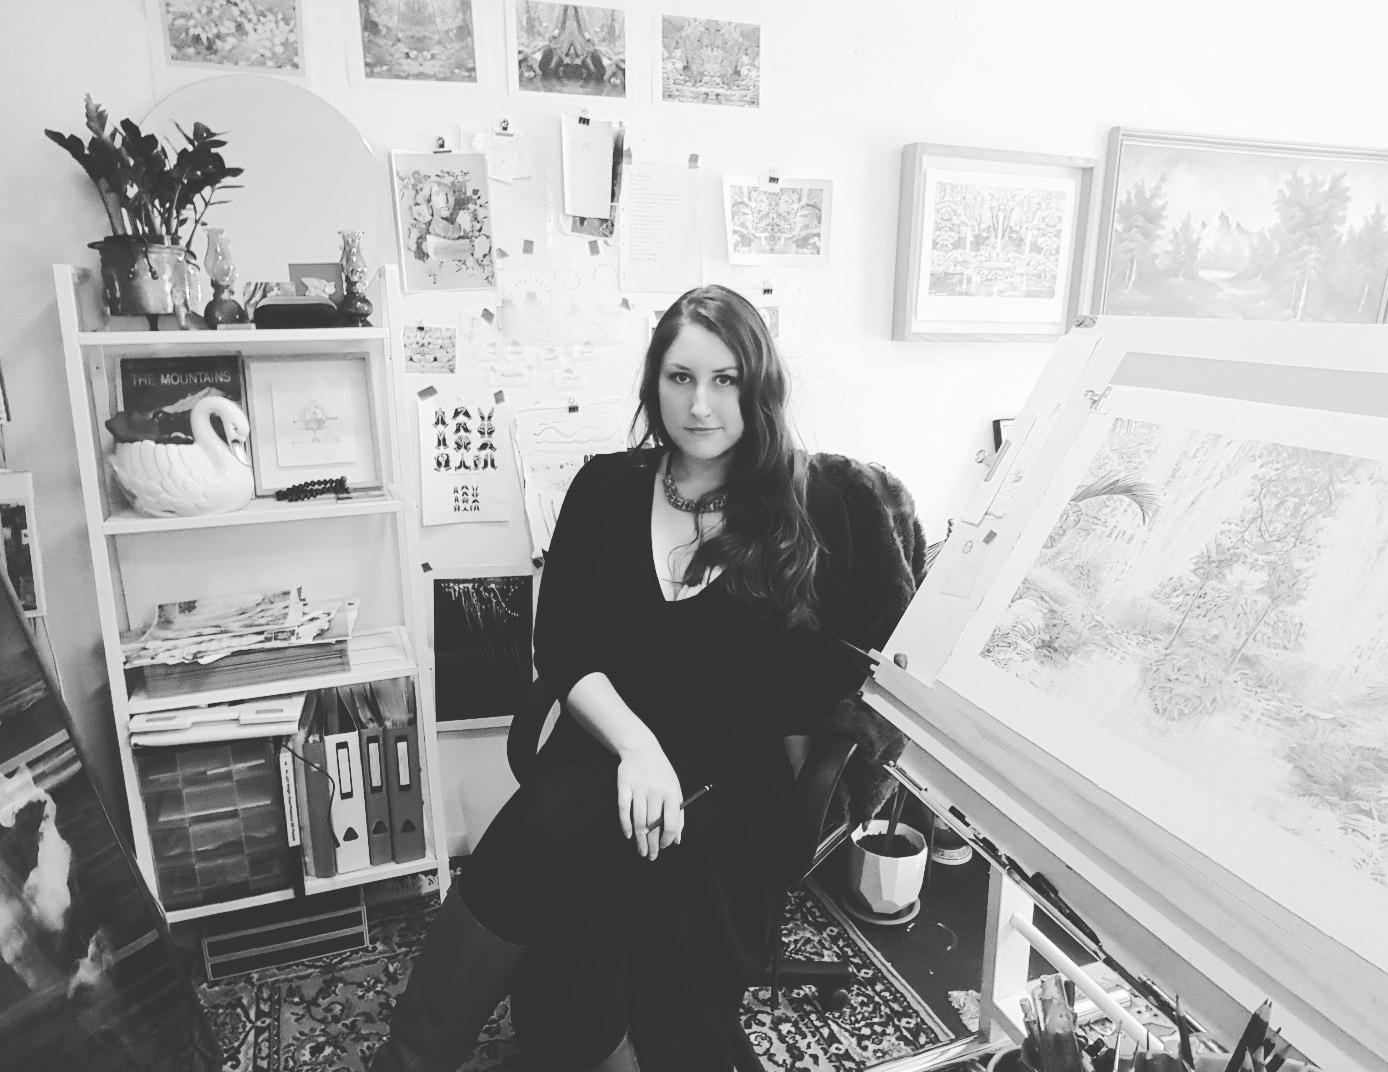 Becc Orszag in her studio